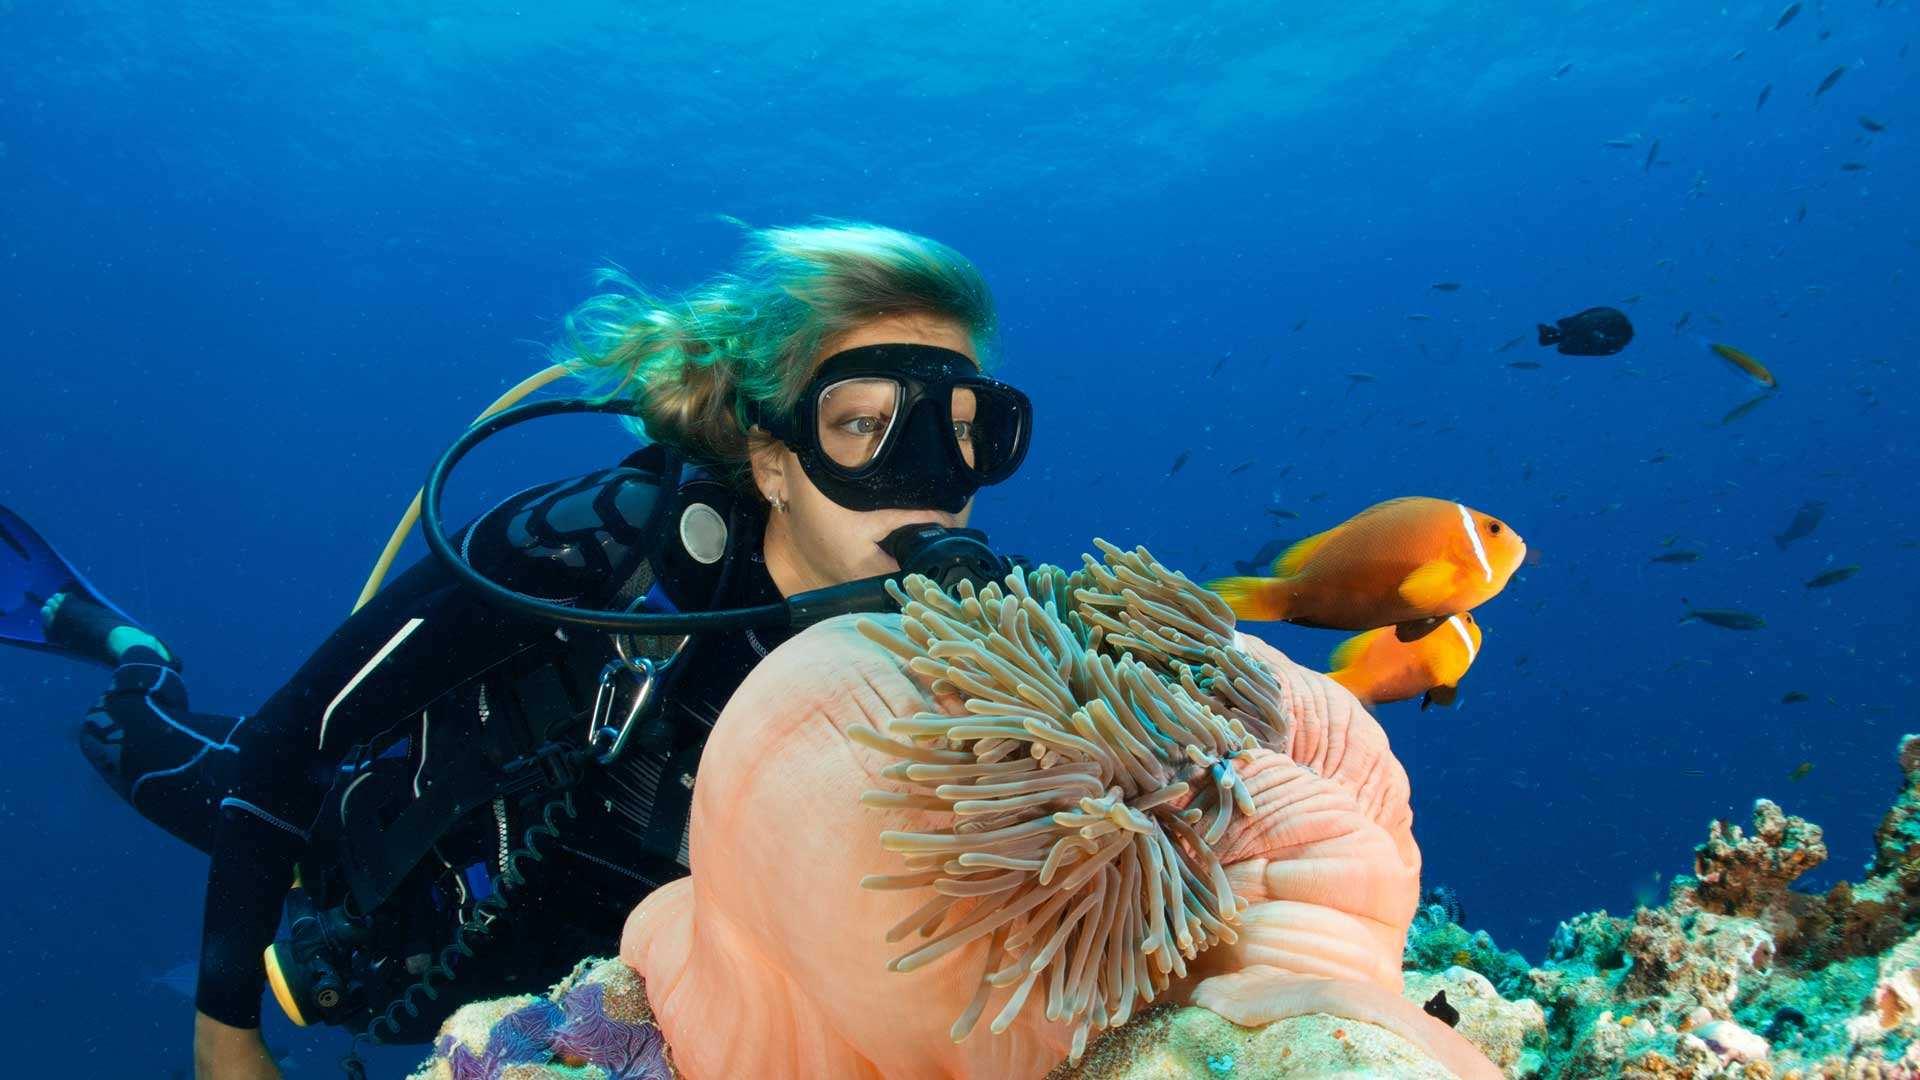 Le immersioni curano i pazienti affetti da stress post traumatico